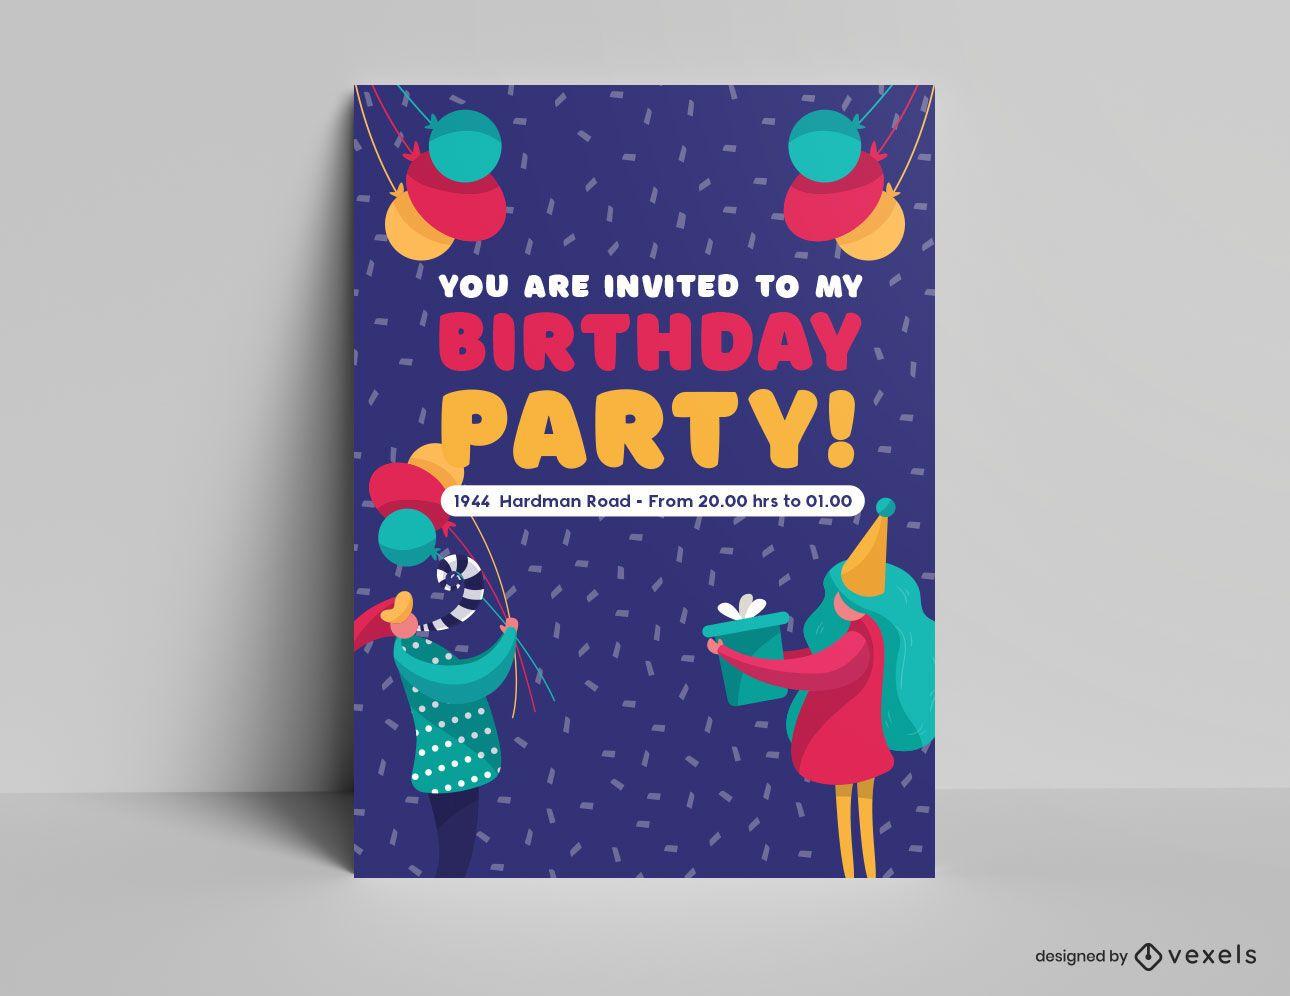 Plantilla de invitación de cartel de fiesta de cumpleaños